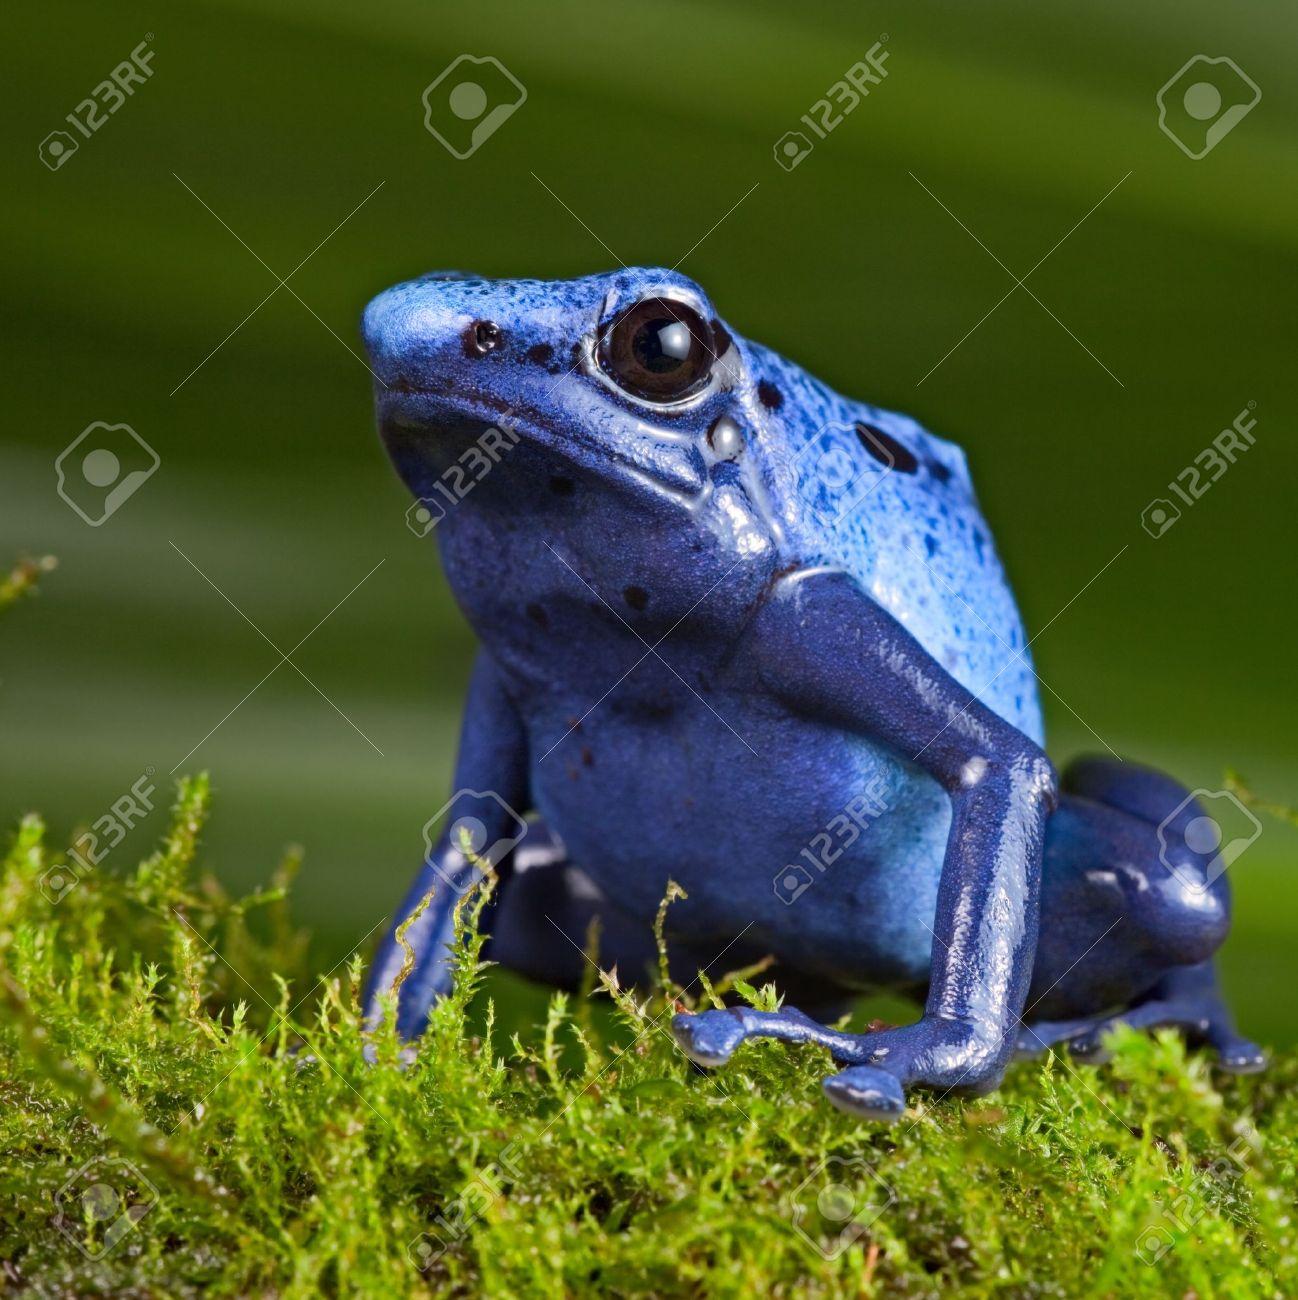 Grenouille Bleue Venimeuse grenouille bleue de dard de poison, animal venimeux de la forêt